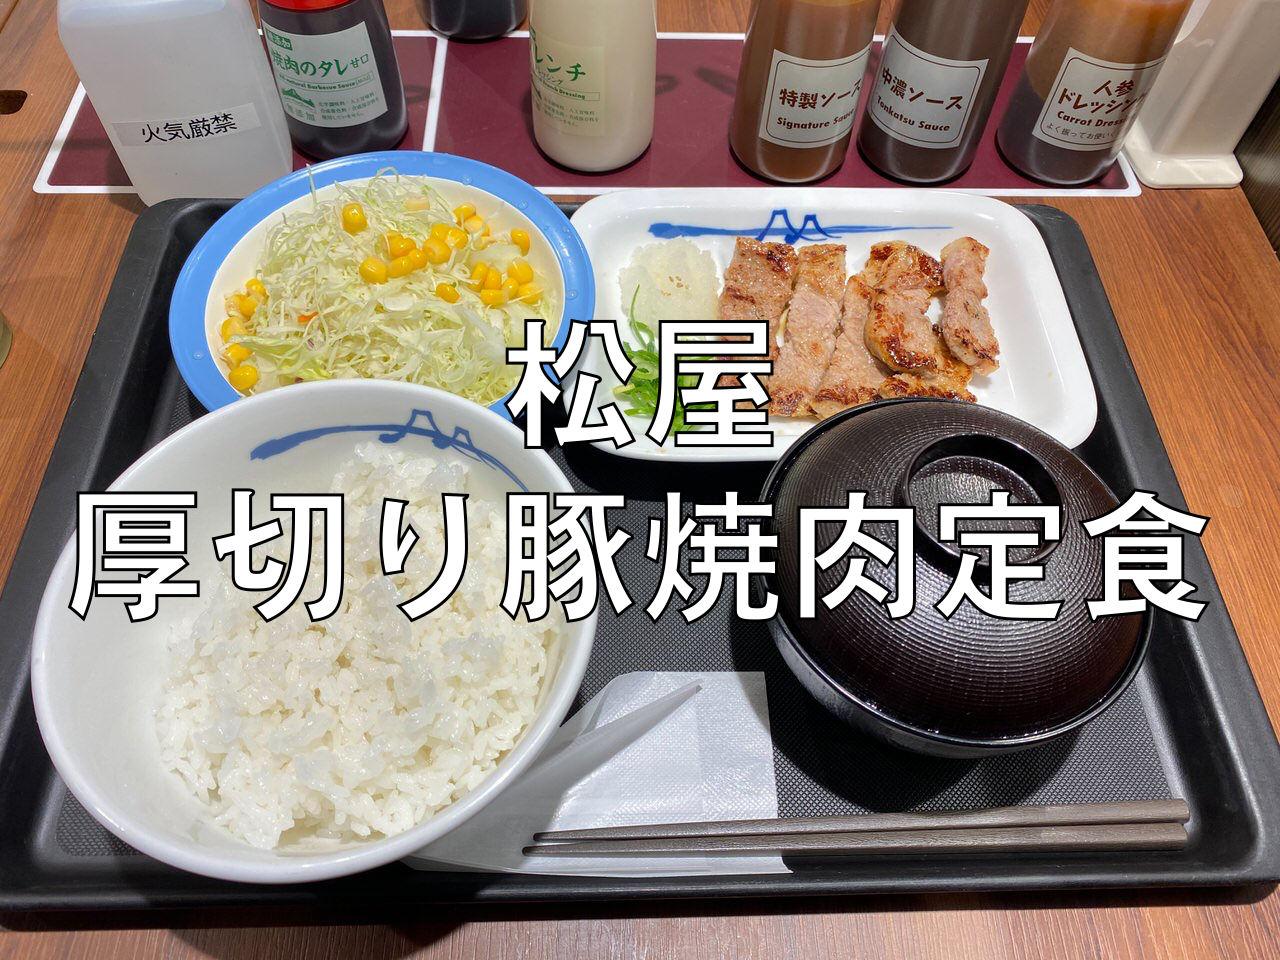 【松屋】リニューアルして厚切りになった「厚切り豚焼肉定食」を食べてみた